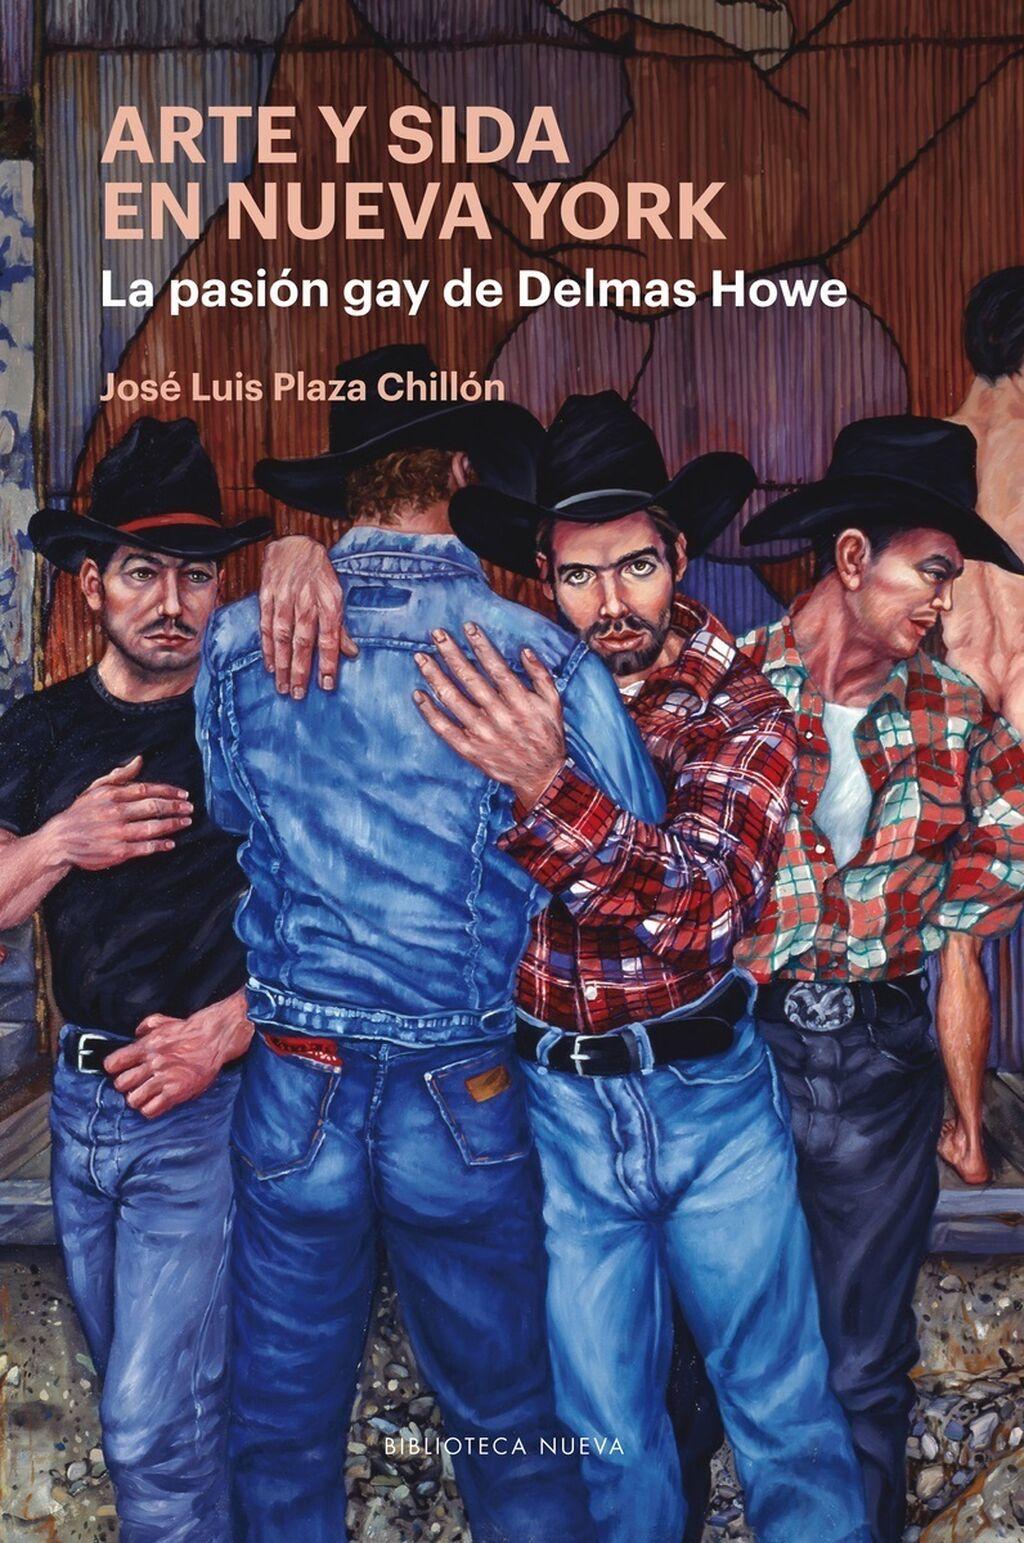 gay pasion malaga